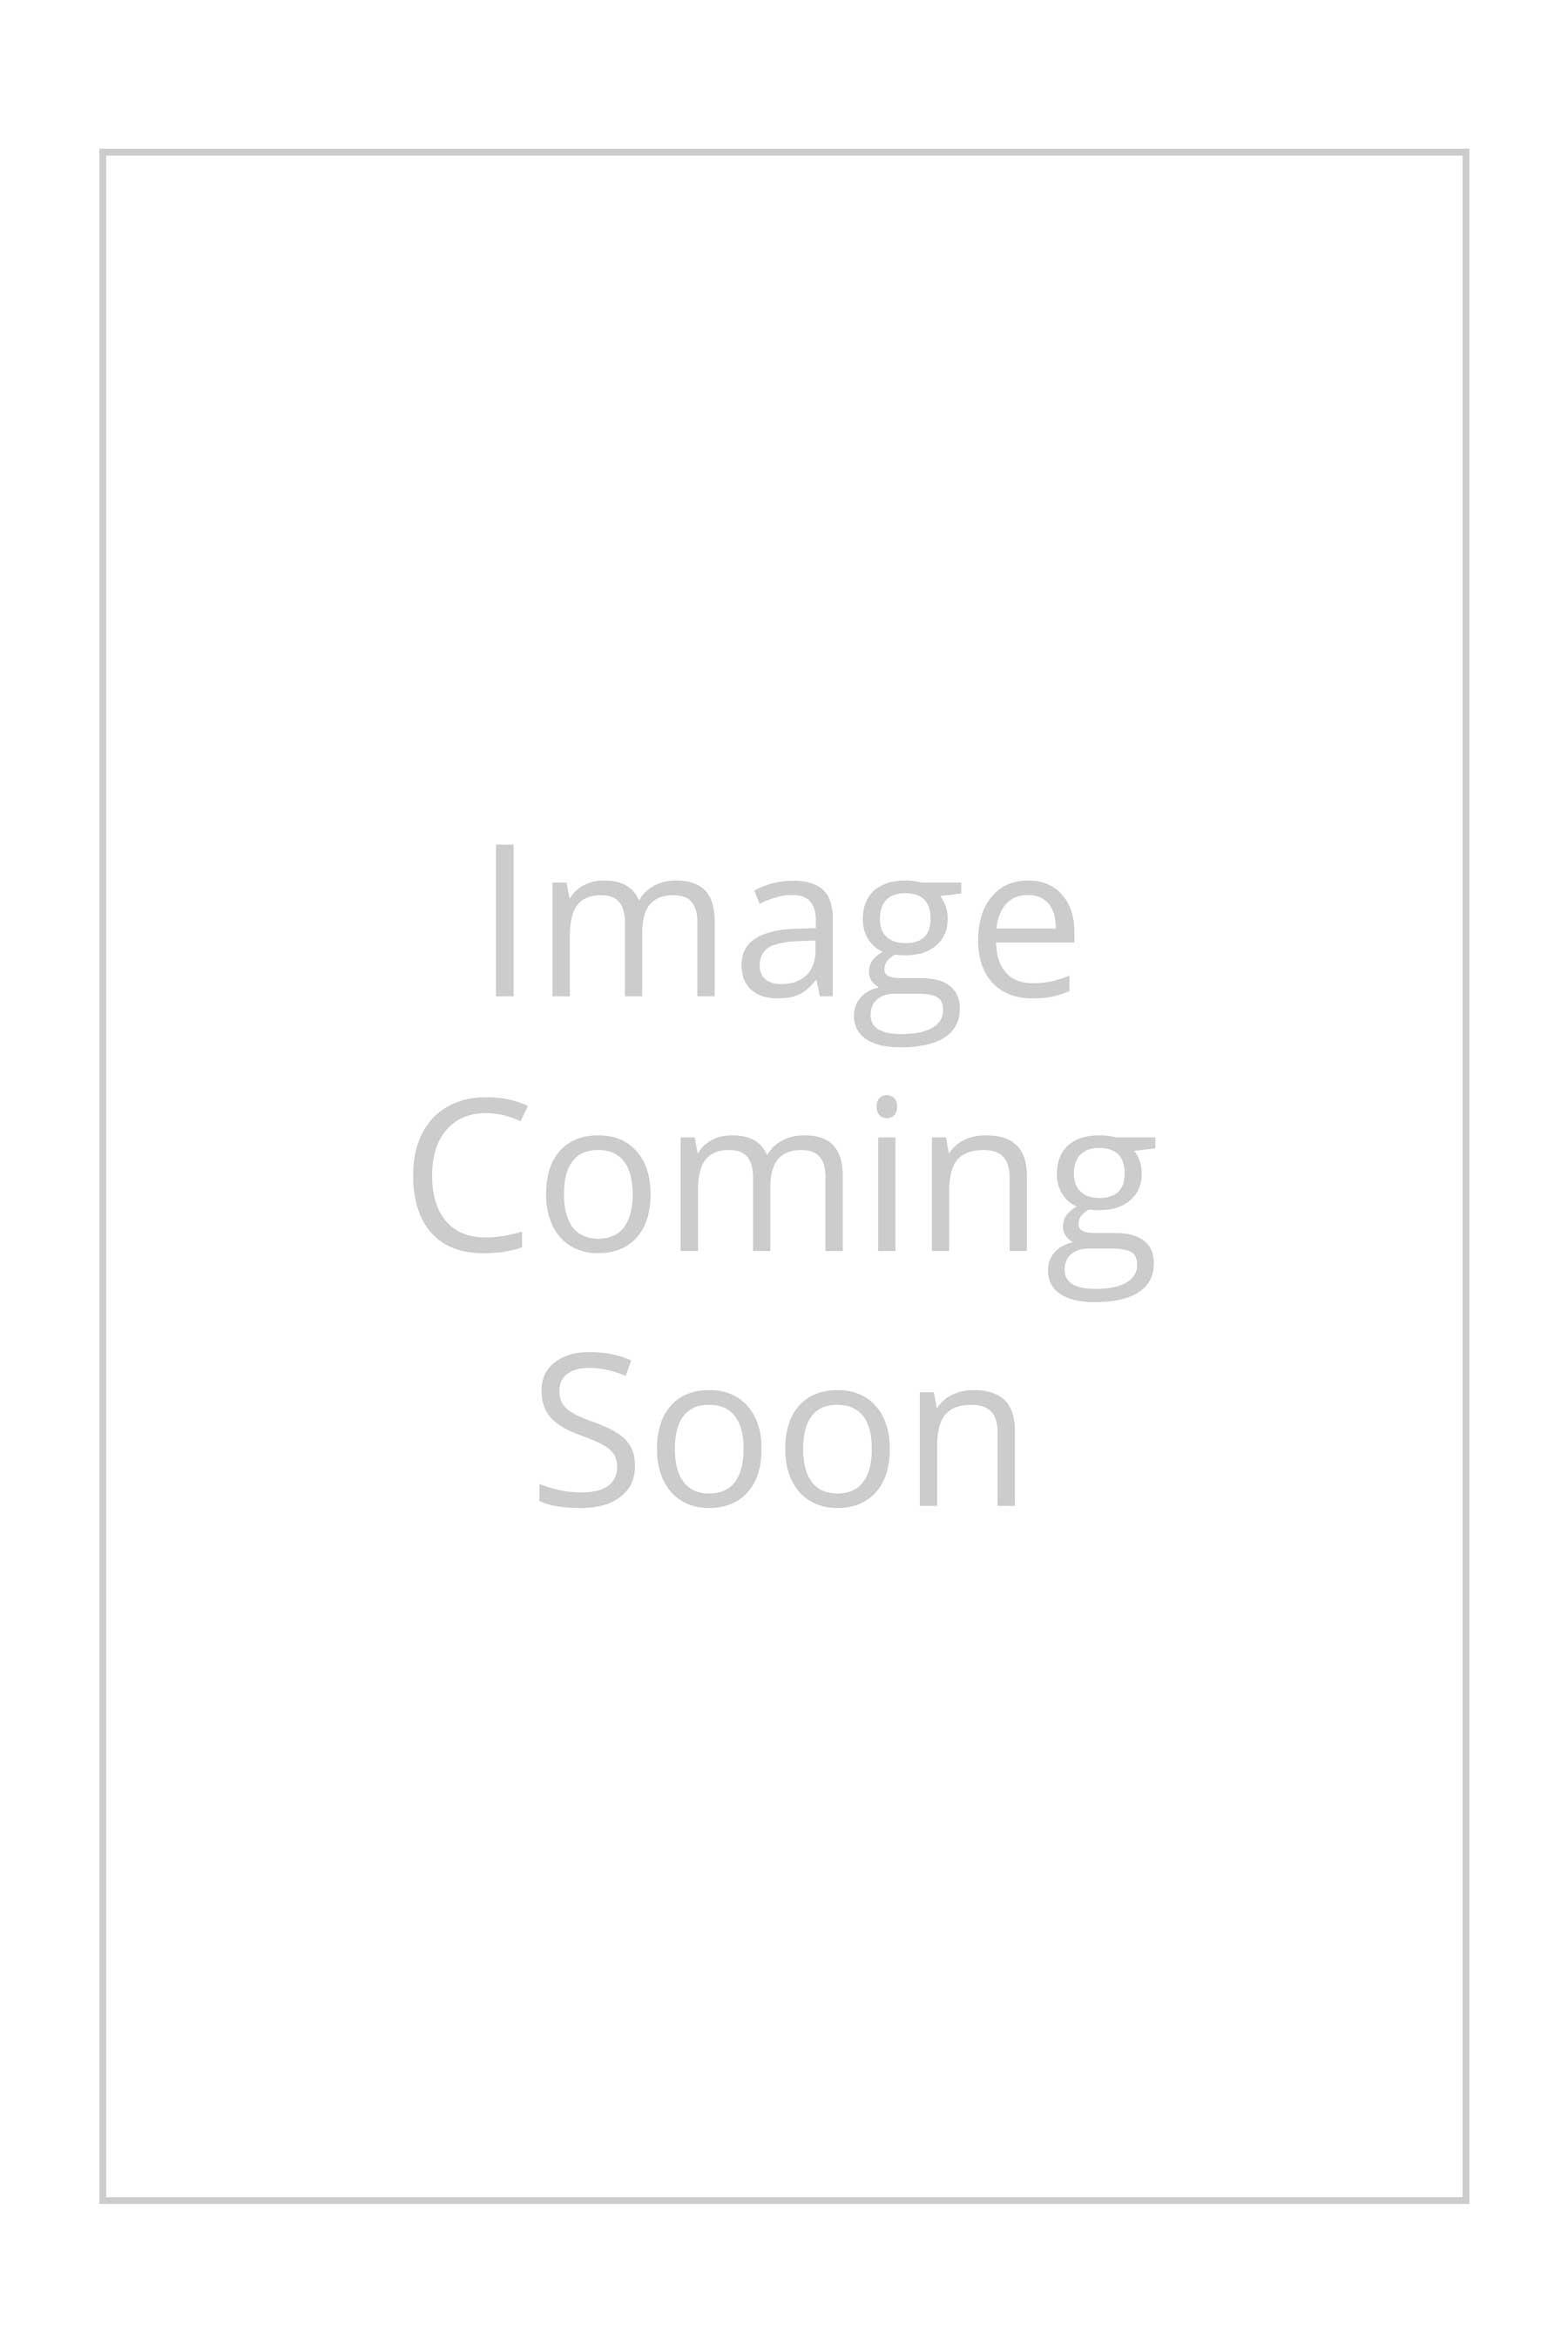 Fine 14k White Gold Cz Stud Earrings 1 6 78 Ctw